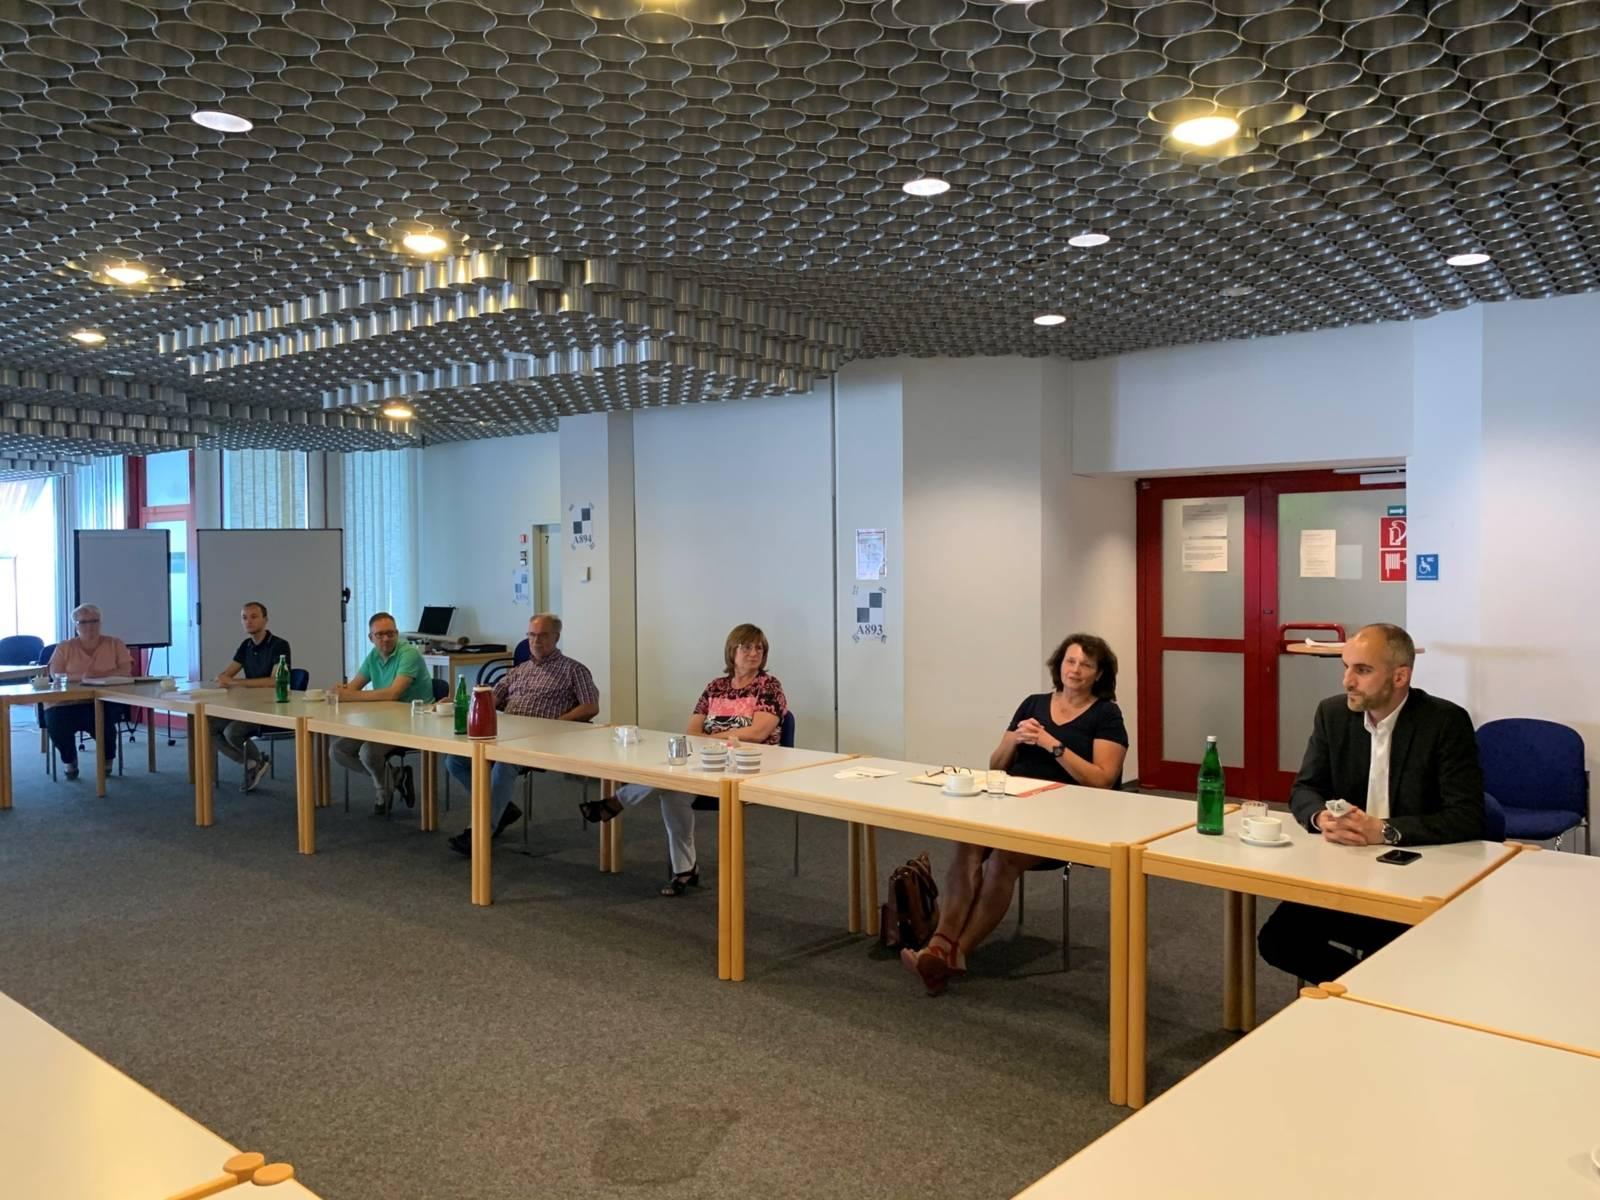 Mehrere Menschen an Tischen in einem Raum.